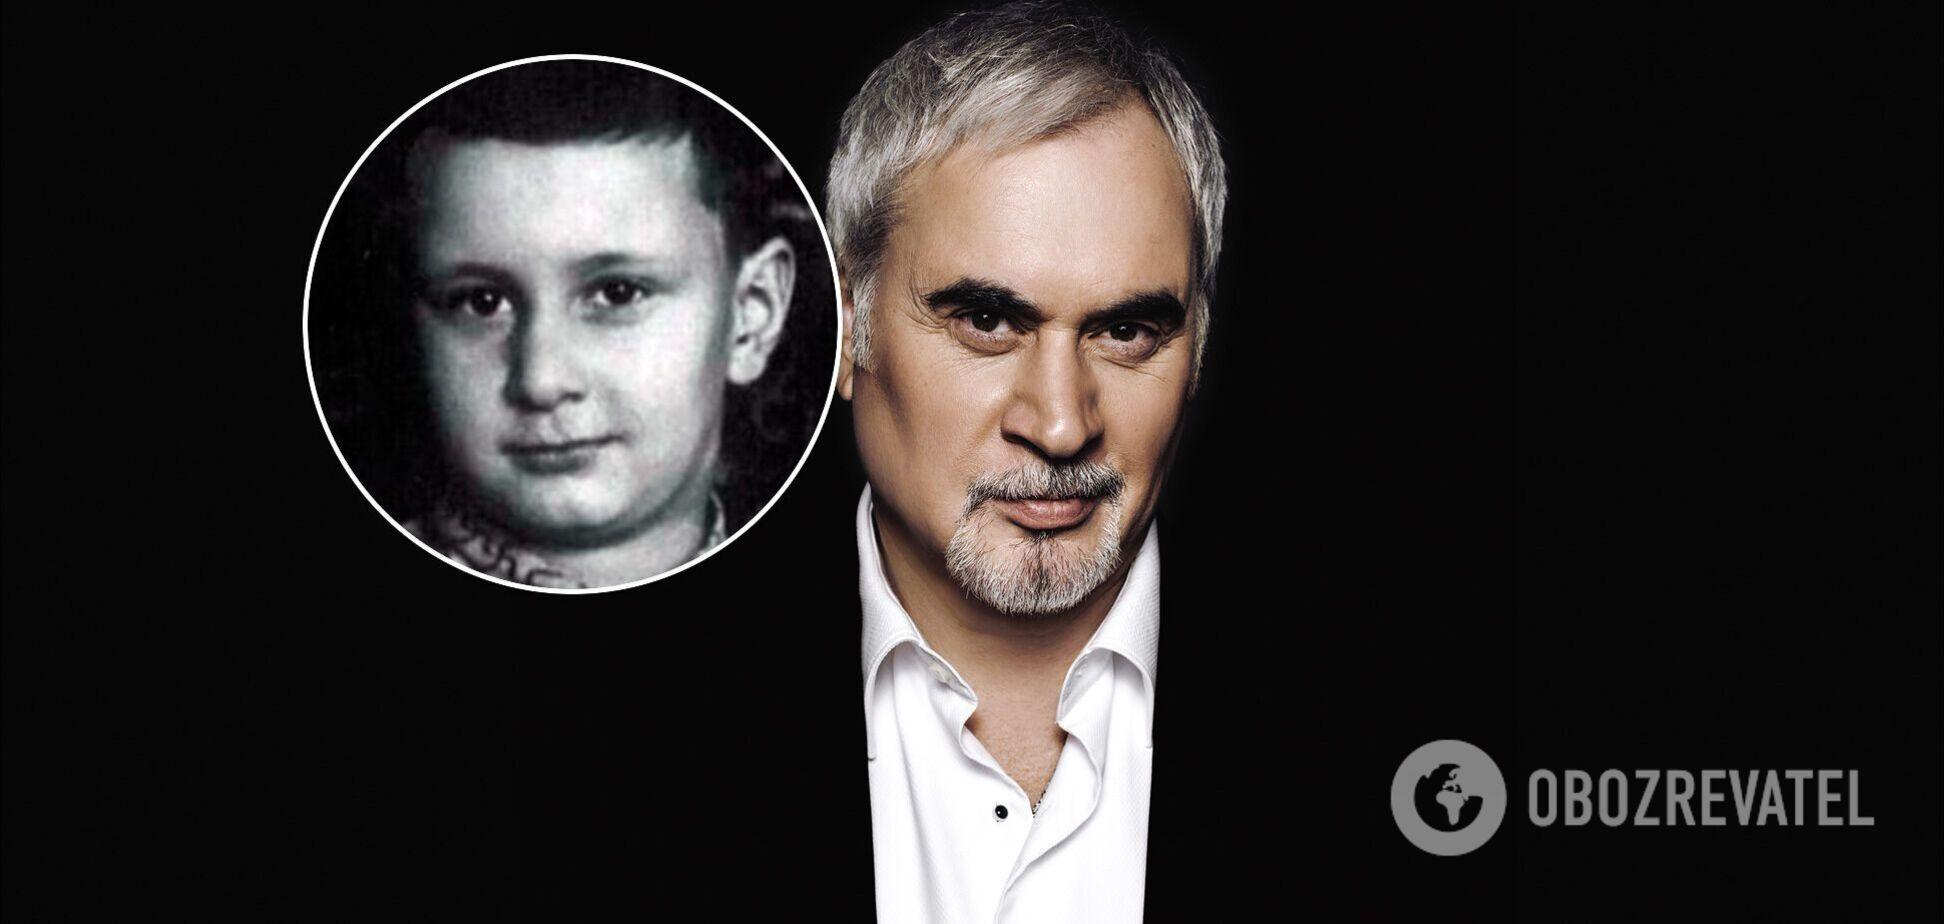 Меладзе – 56: как менялся певец на протяжении карьеры